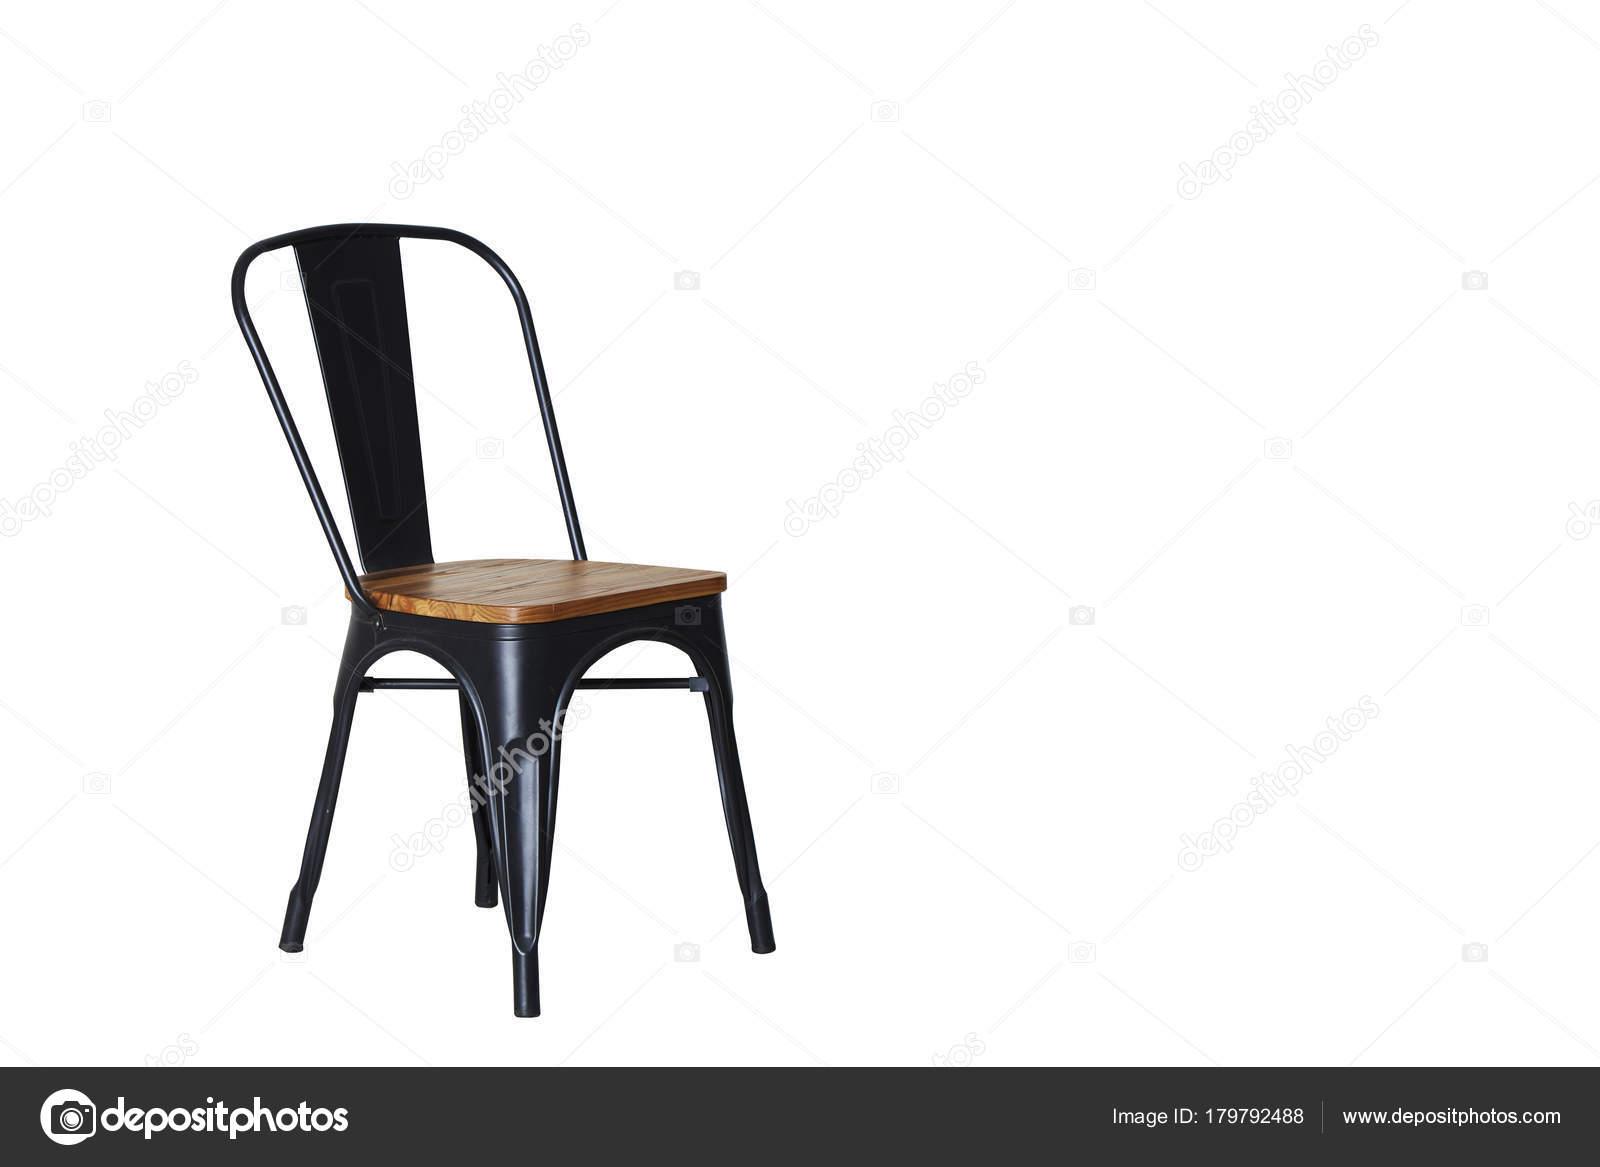 Chaise Avec Bois Blanc Clair — Photographie Des Acier Fond Sur E2HID9